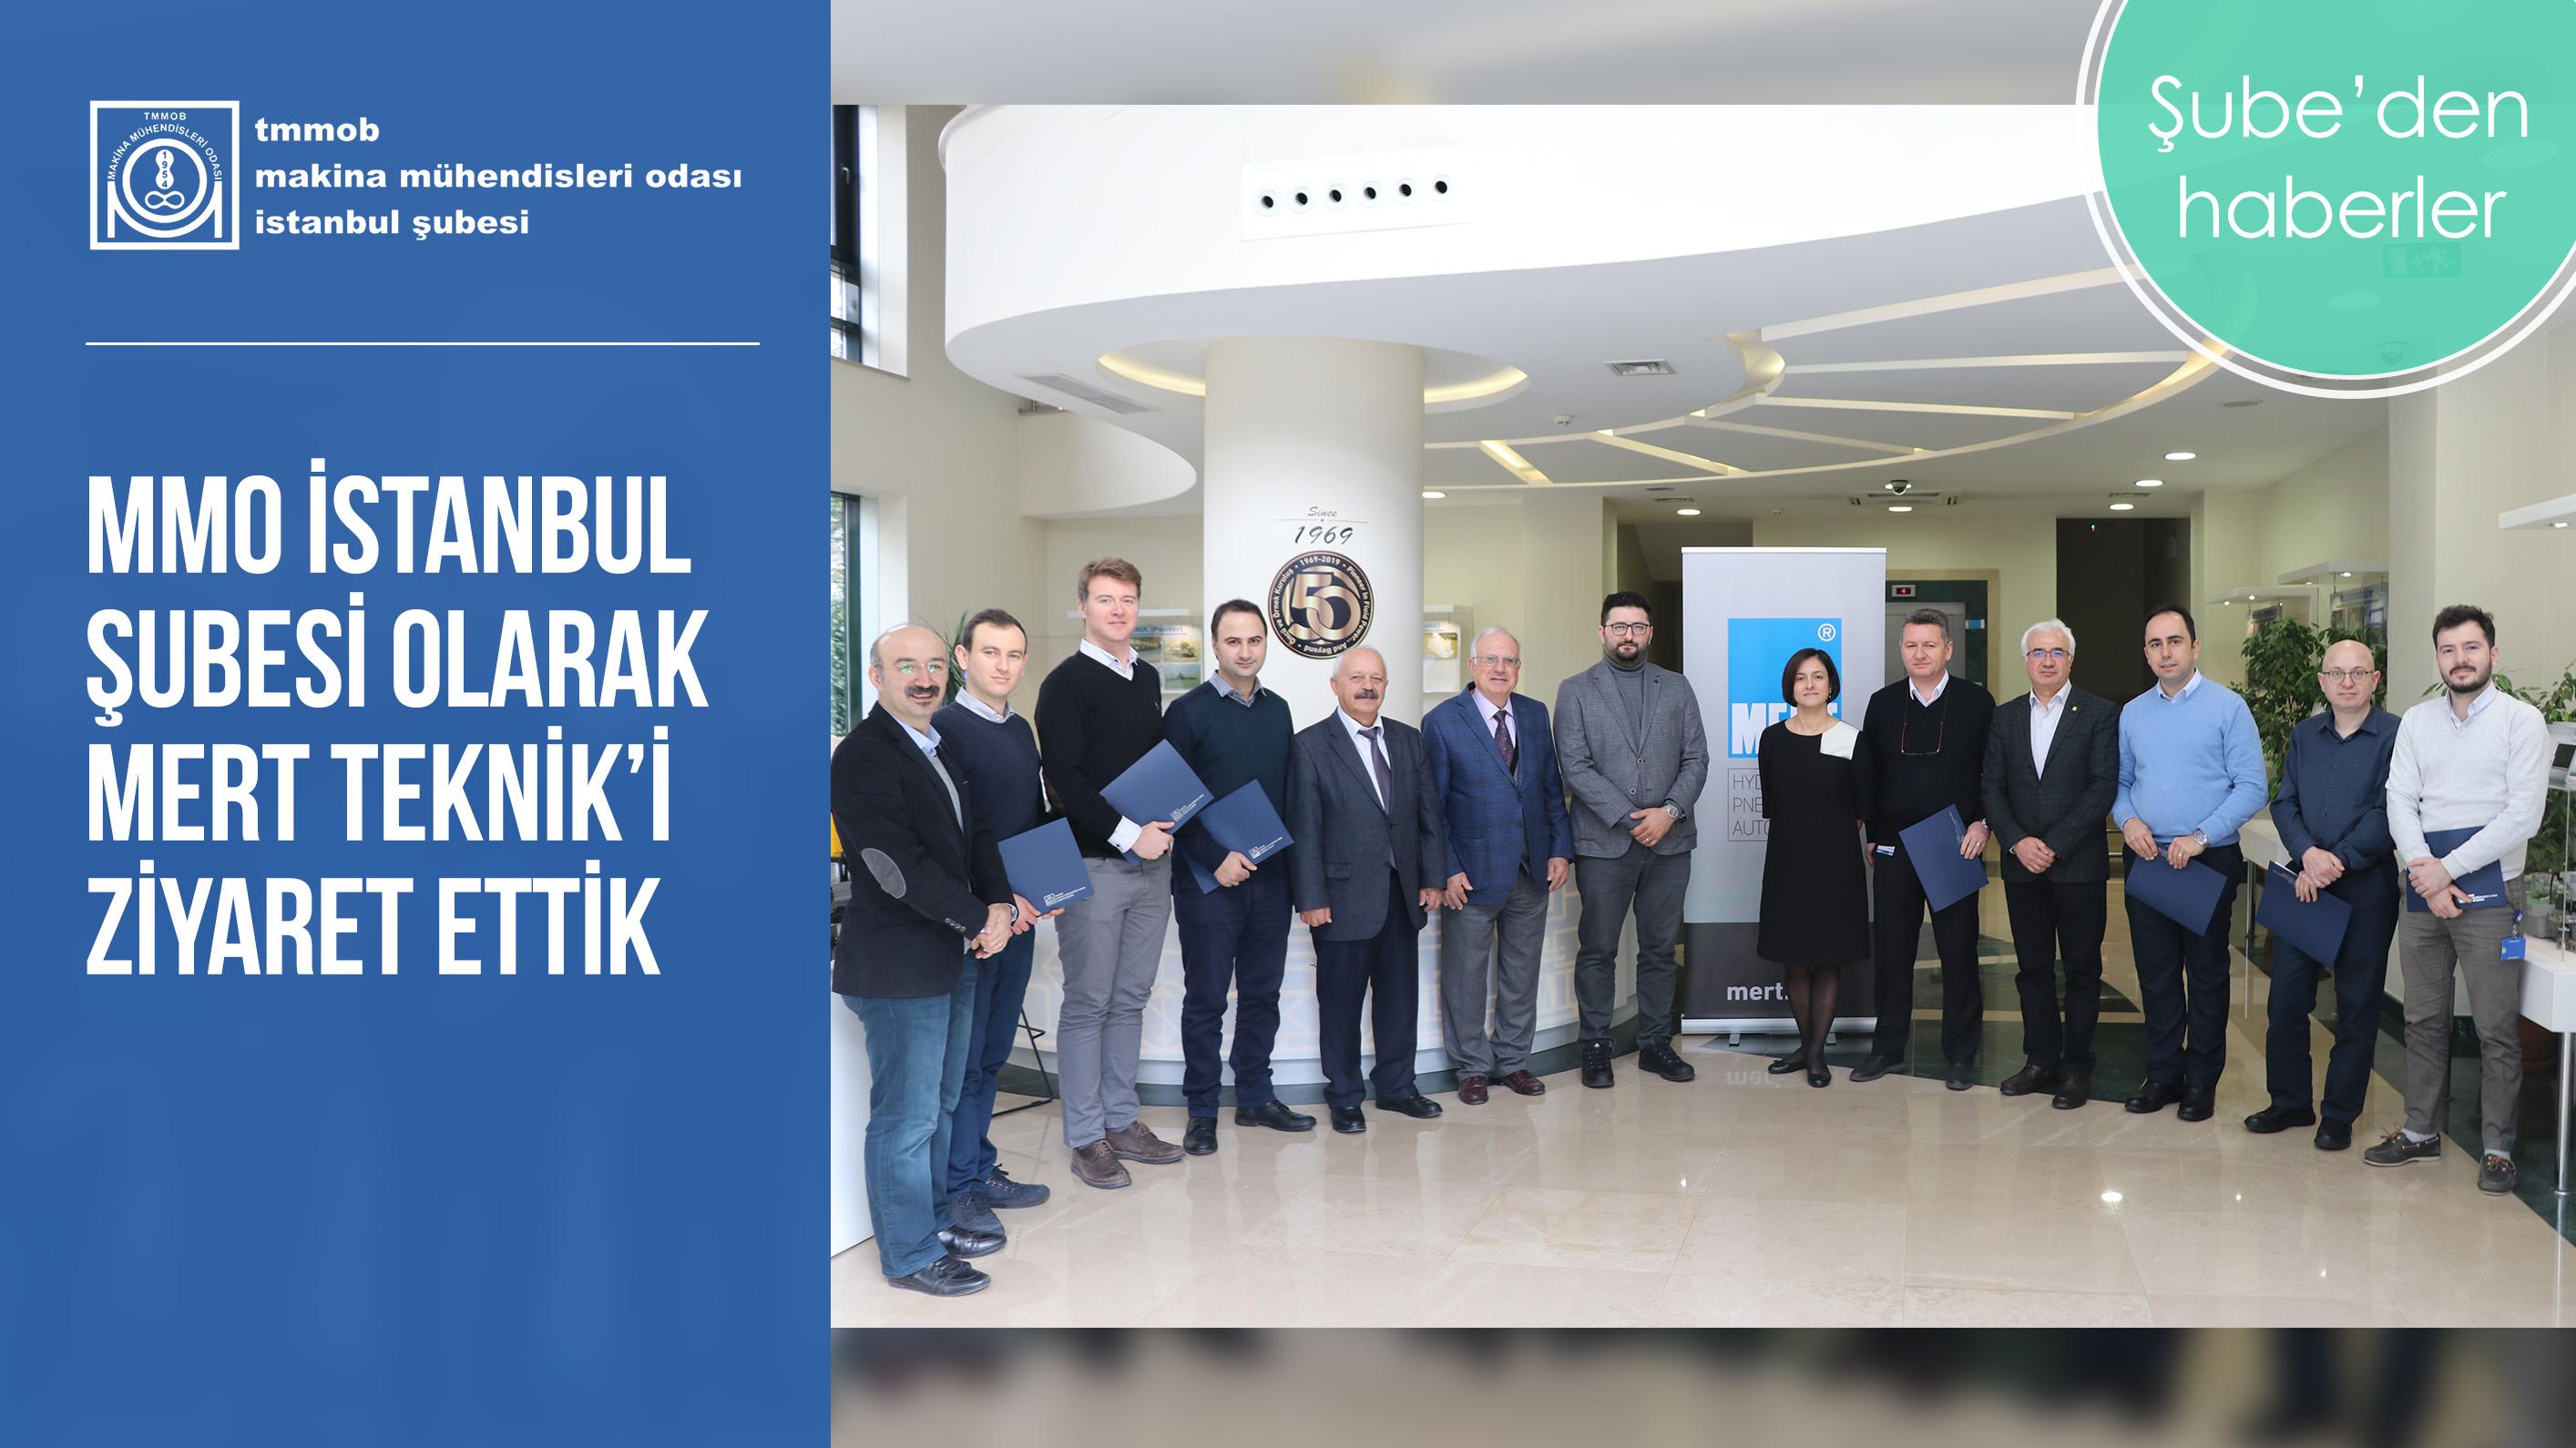 MMO İstanbul Şubesi Olarak Mert Teknik'i Ziyaret Ettik